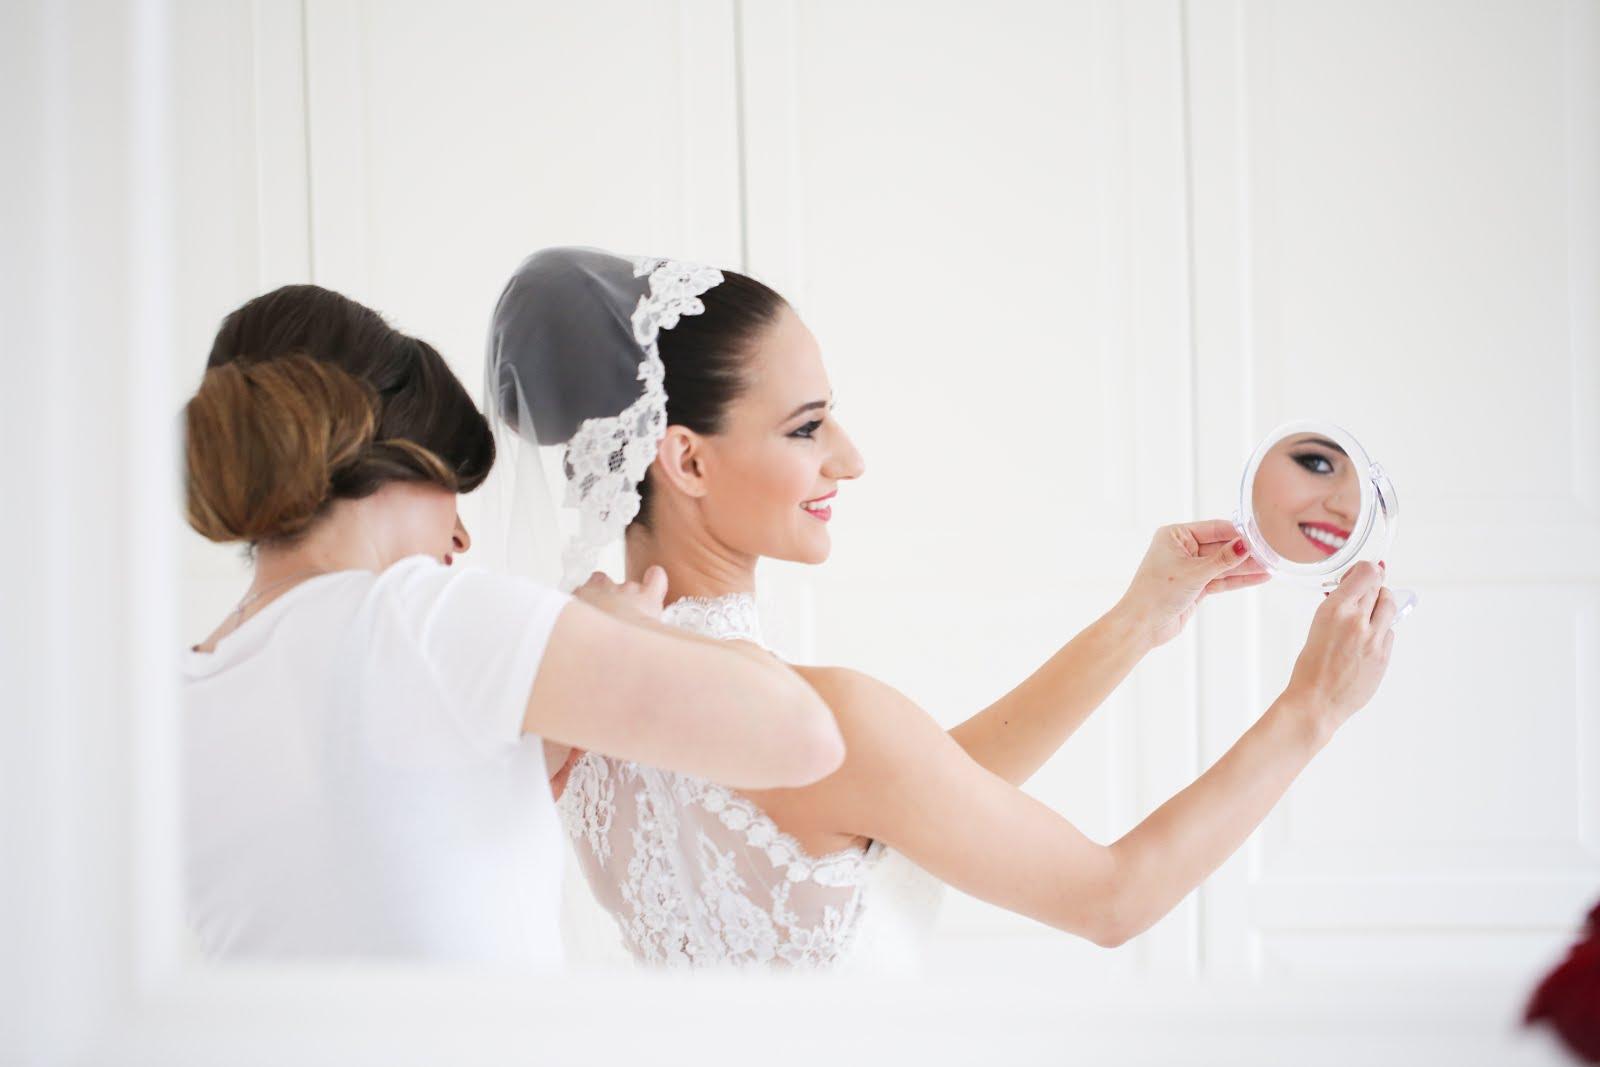 düğün günü hazırlık gelinlik